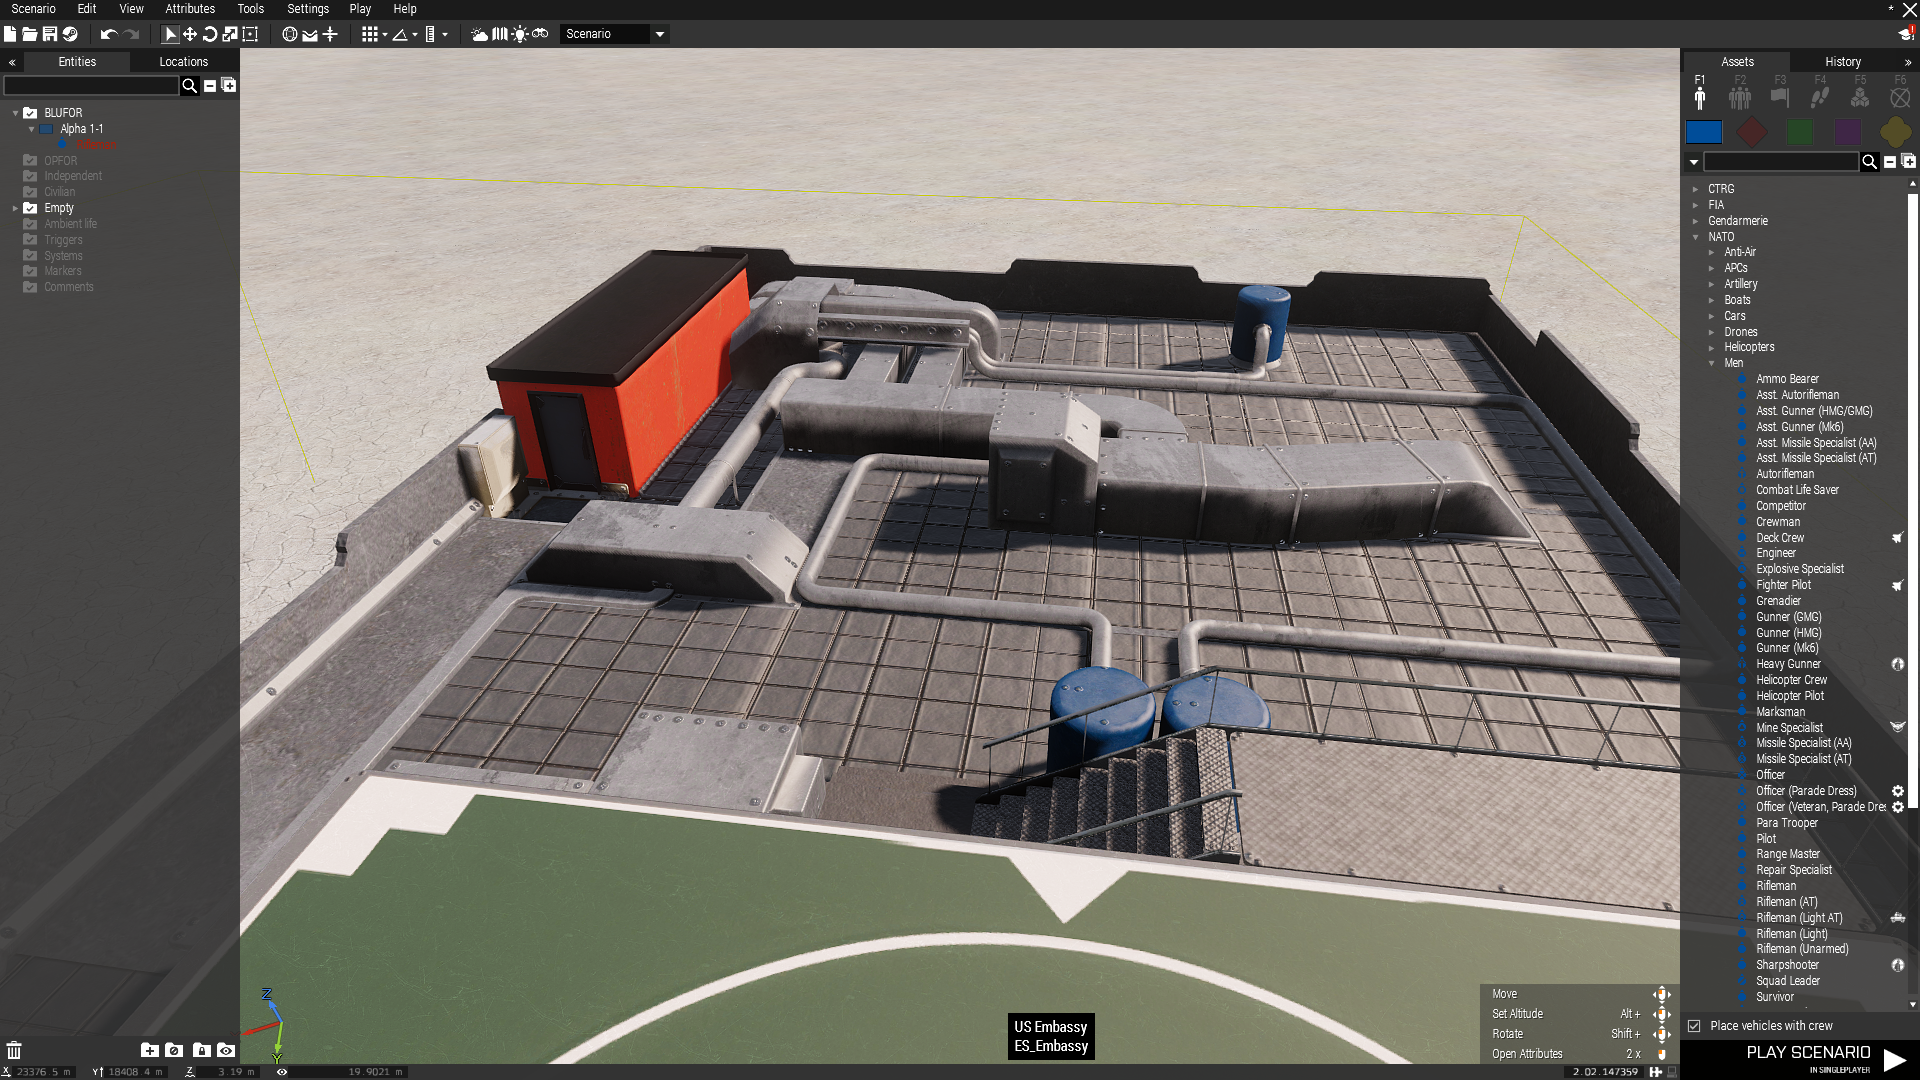 ArmA_3_Screenshot_2021.03.24_-_18.48.55.